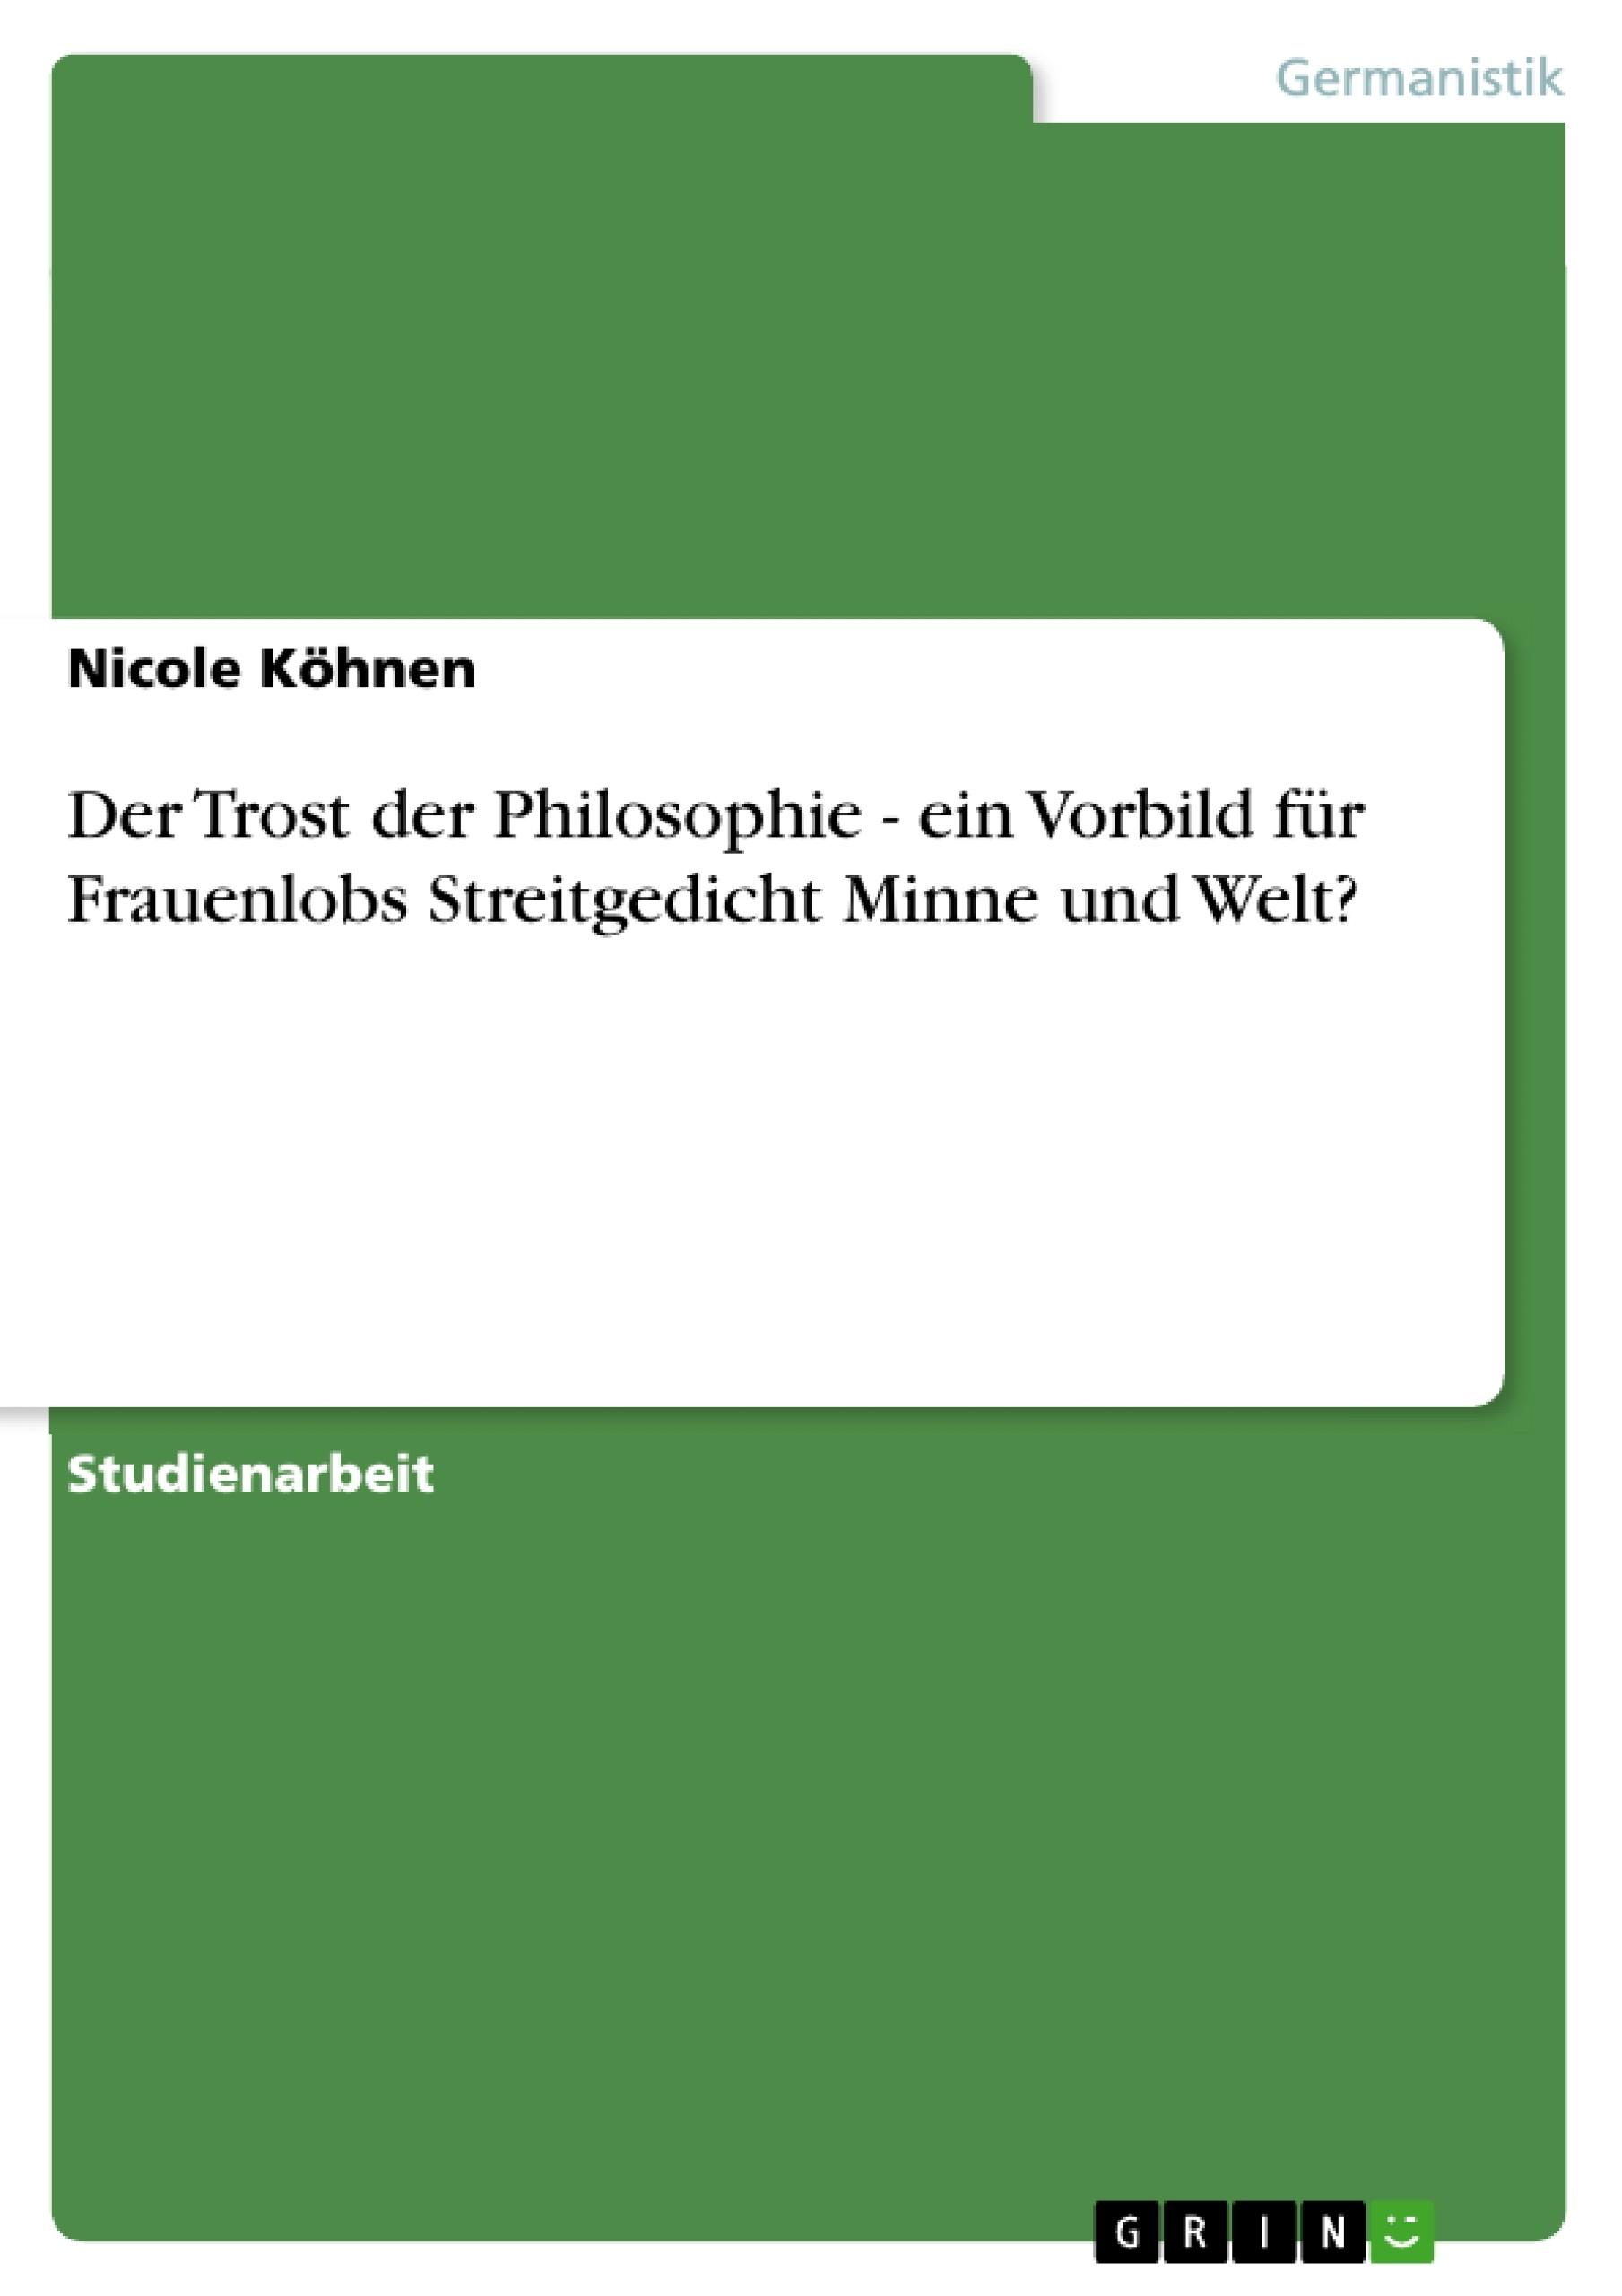 Titel: Der Trost der Philosophie - ein Vorbild für Frauenlobs Streitgedicht Minne und Welt?